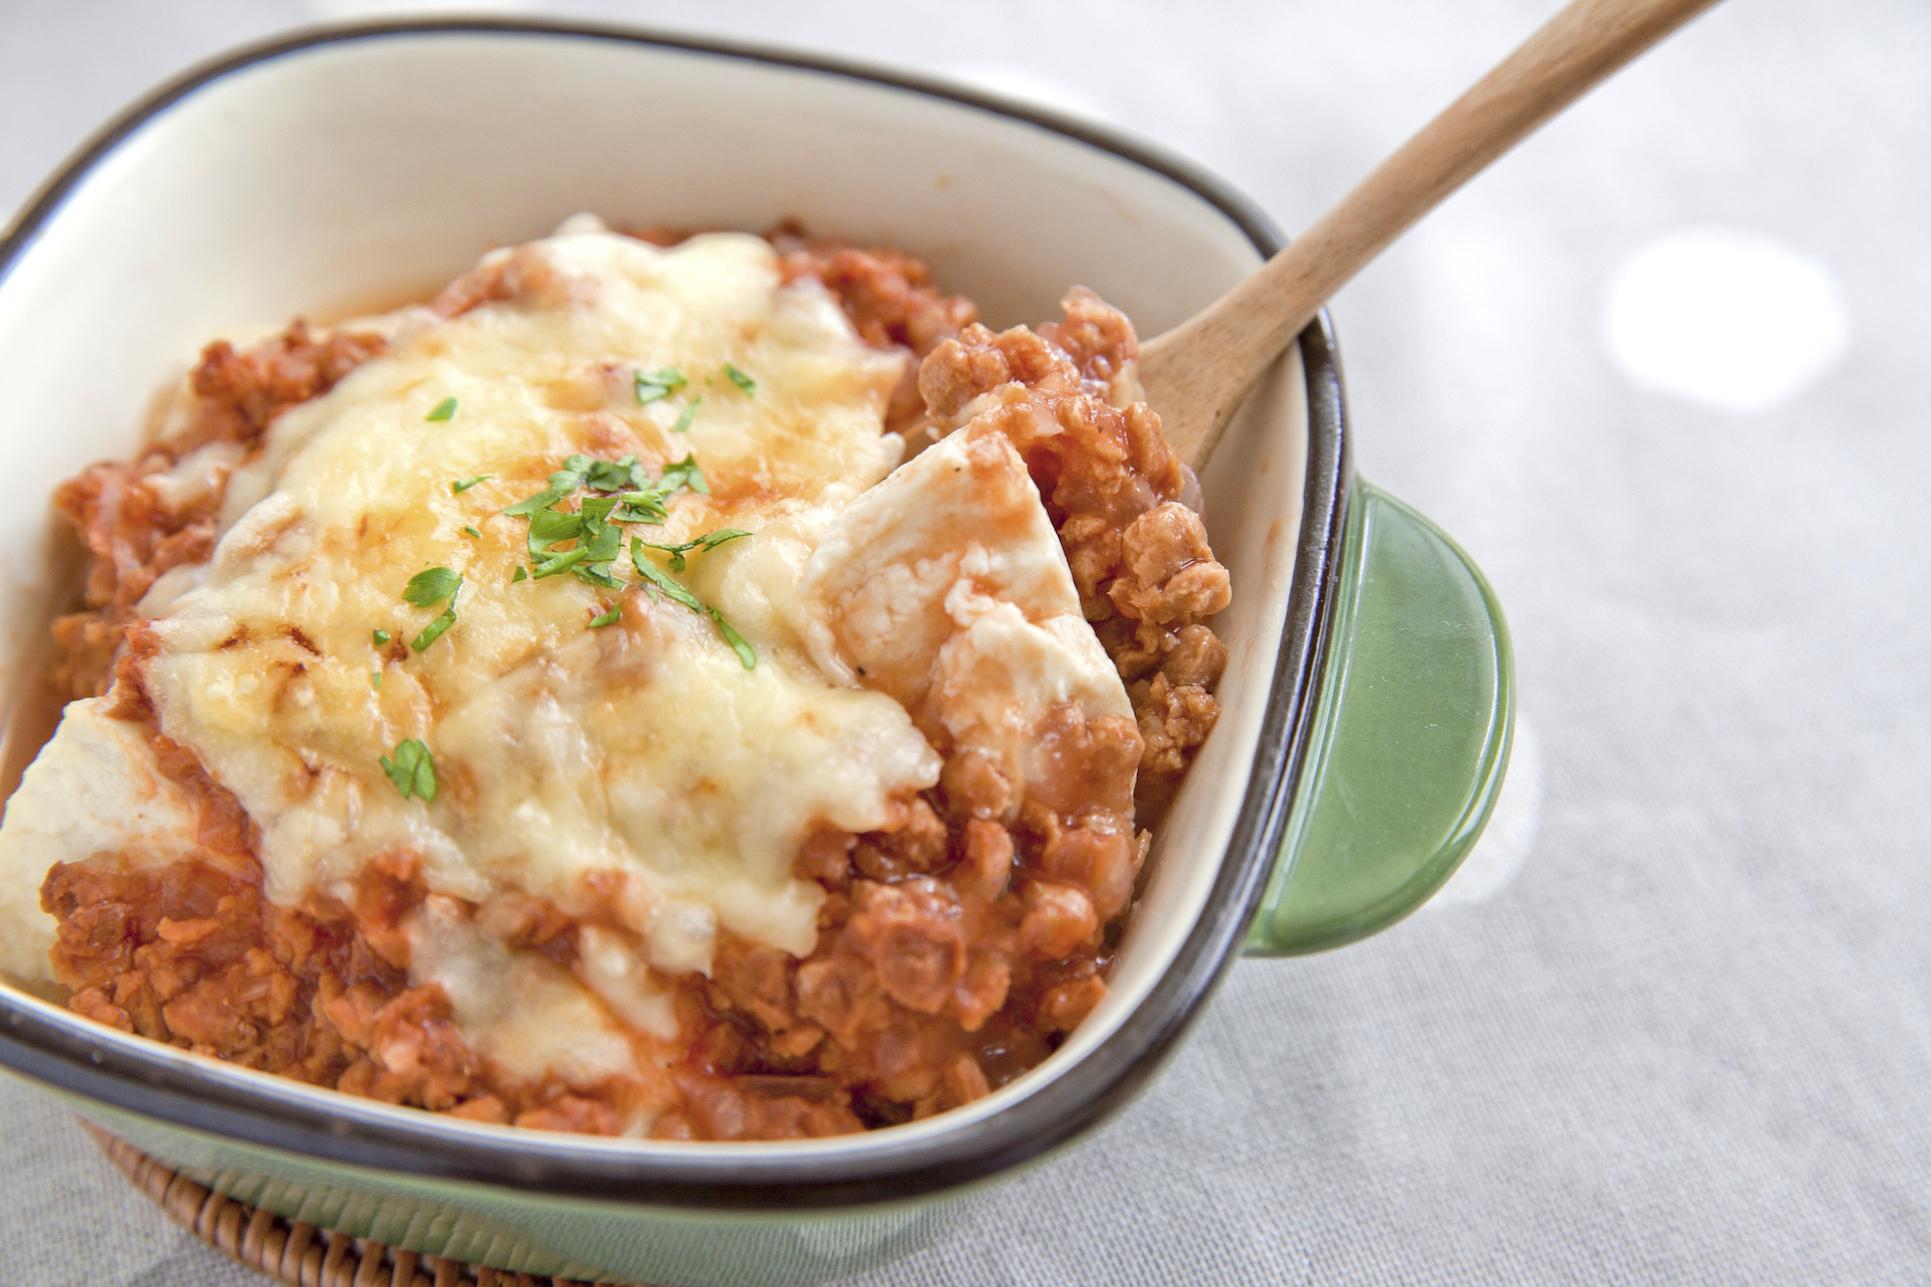 【マルコメレシピ】糖質控えめ料理!大豆のお肉で豆腐グラタン